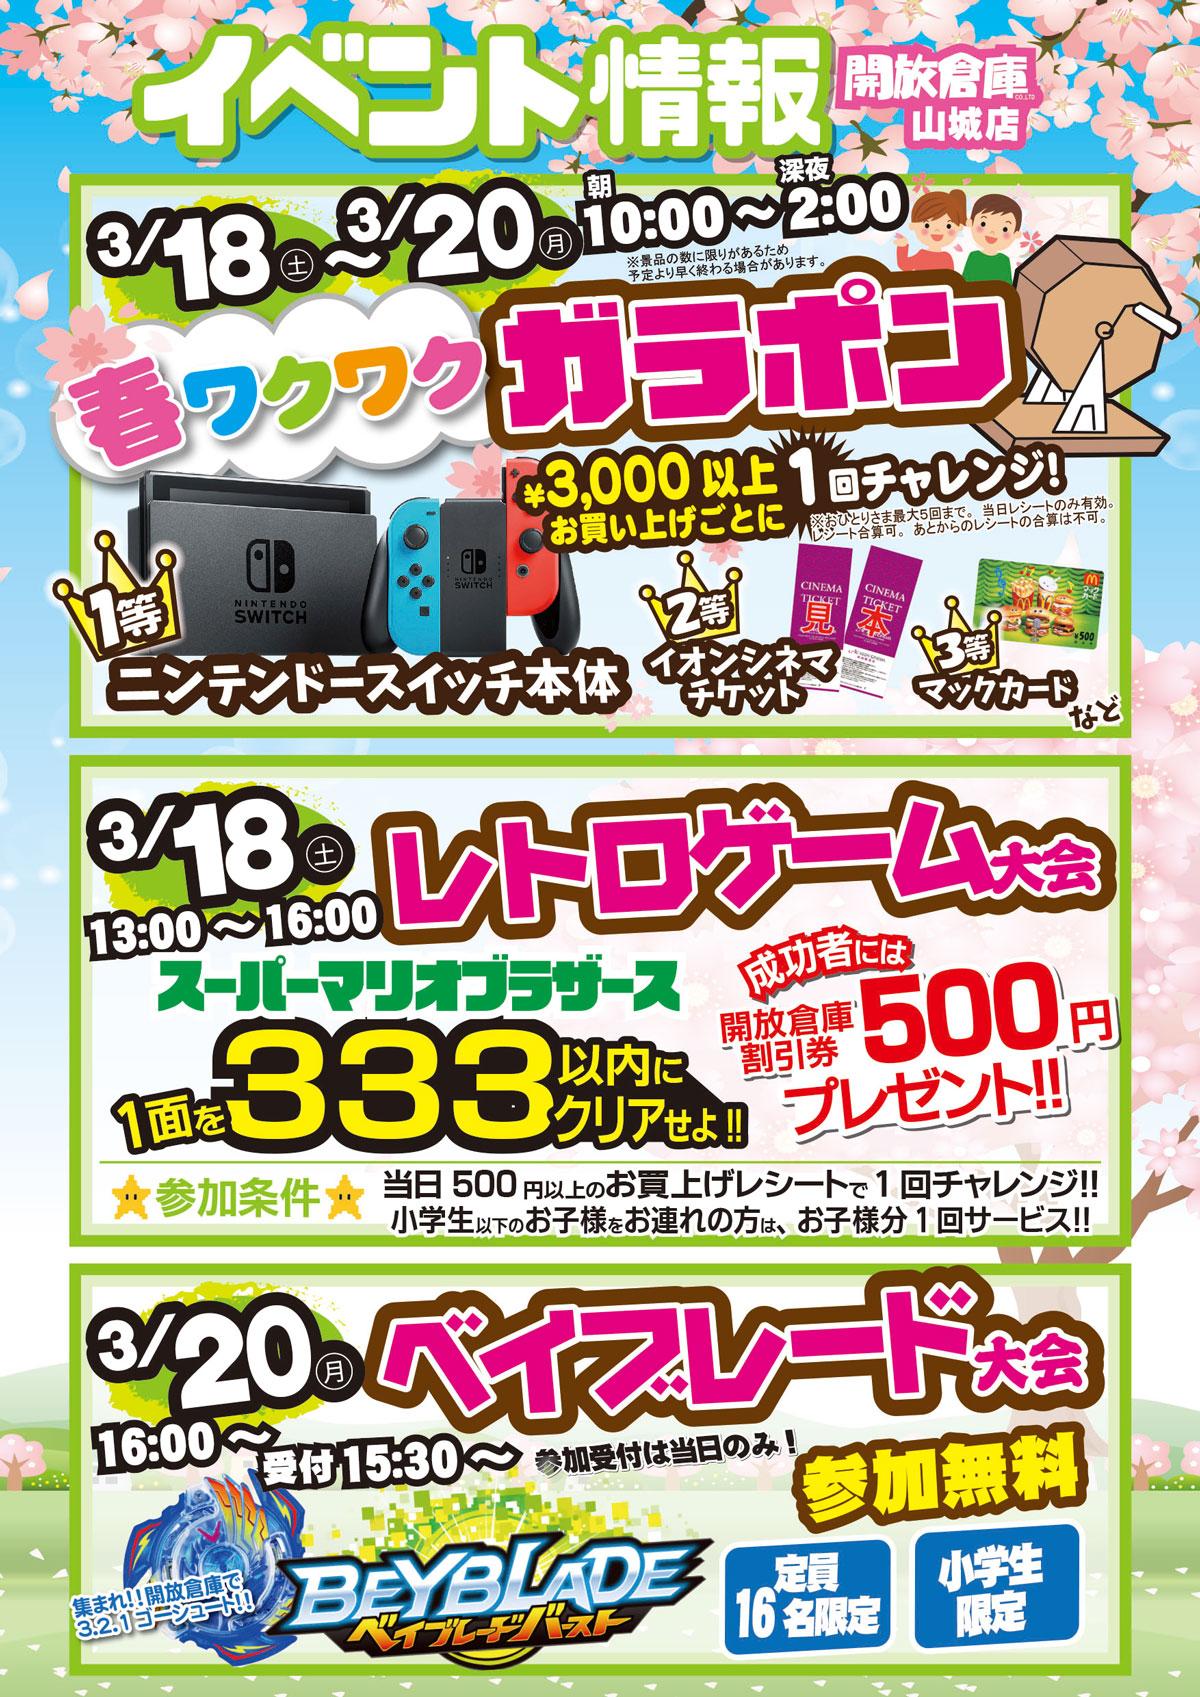 「開放倉庫山城店」2017年3月18~20日の3連休イベント情報!!